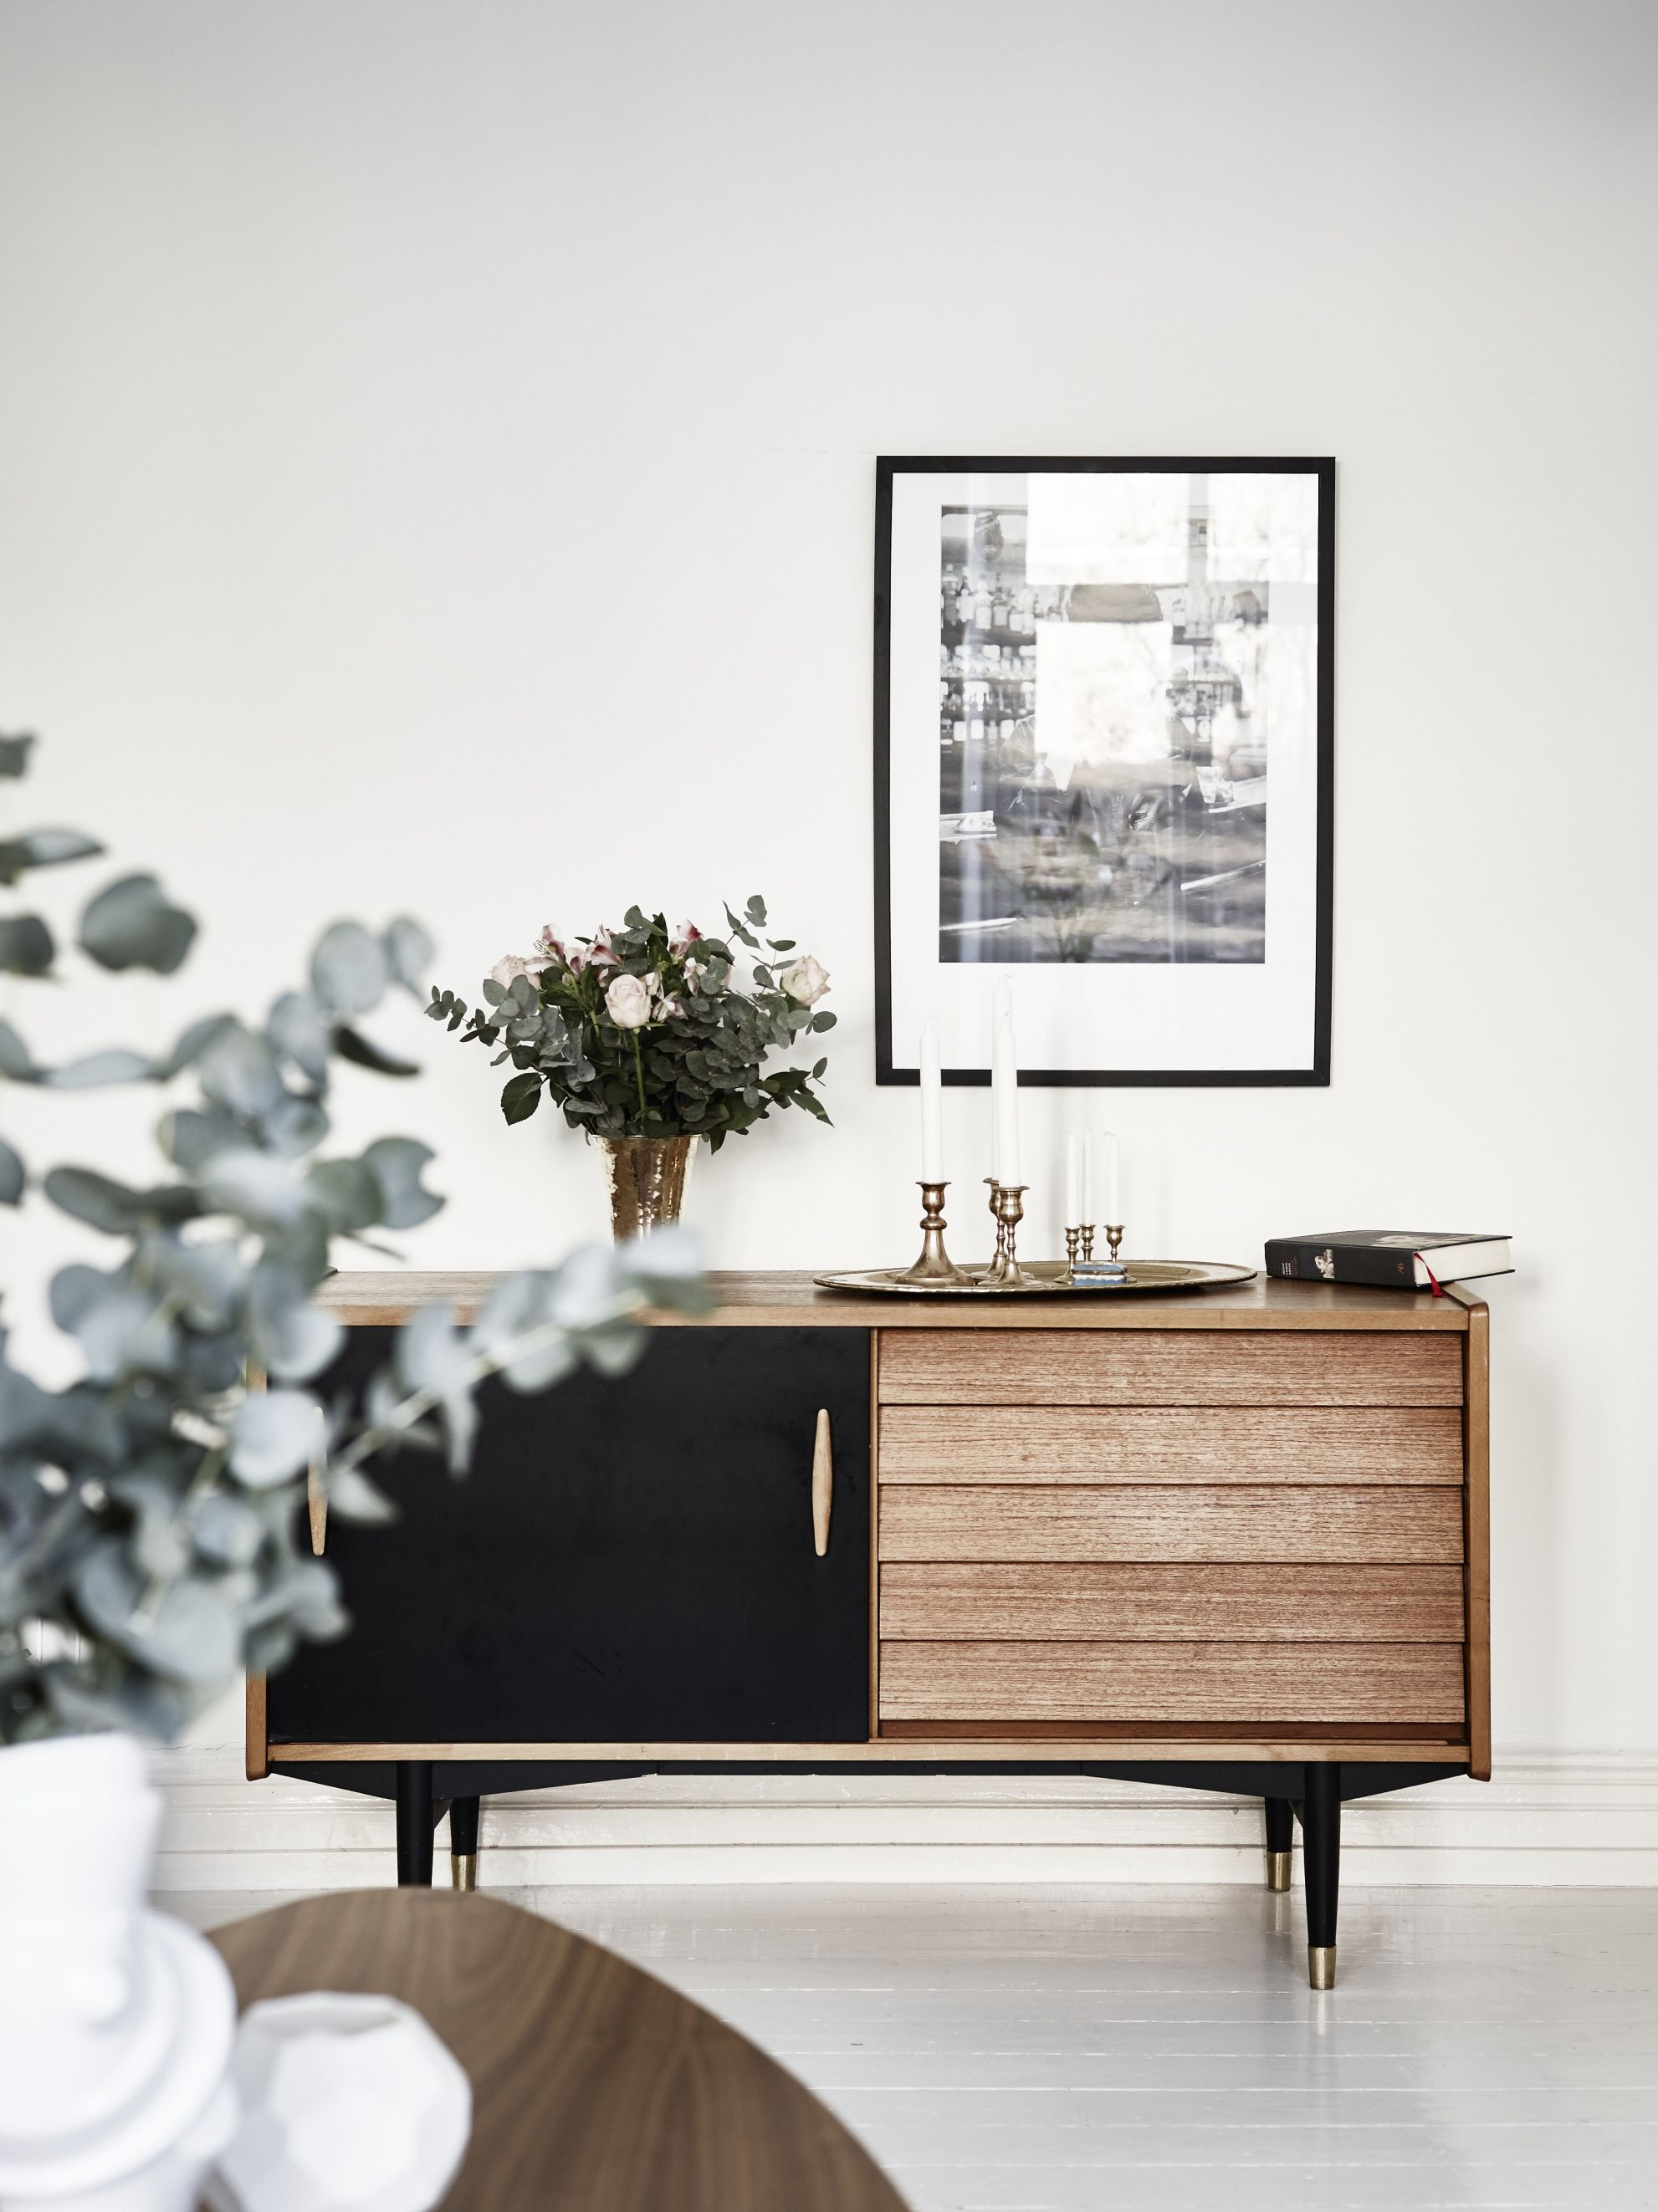 Innenarchitektur wohnzimmer für kleine wohnung how to set your table like the french  kommode wohnzimmer und möbel